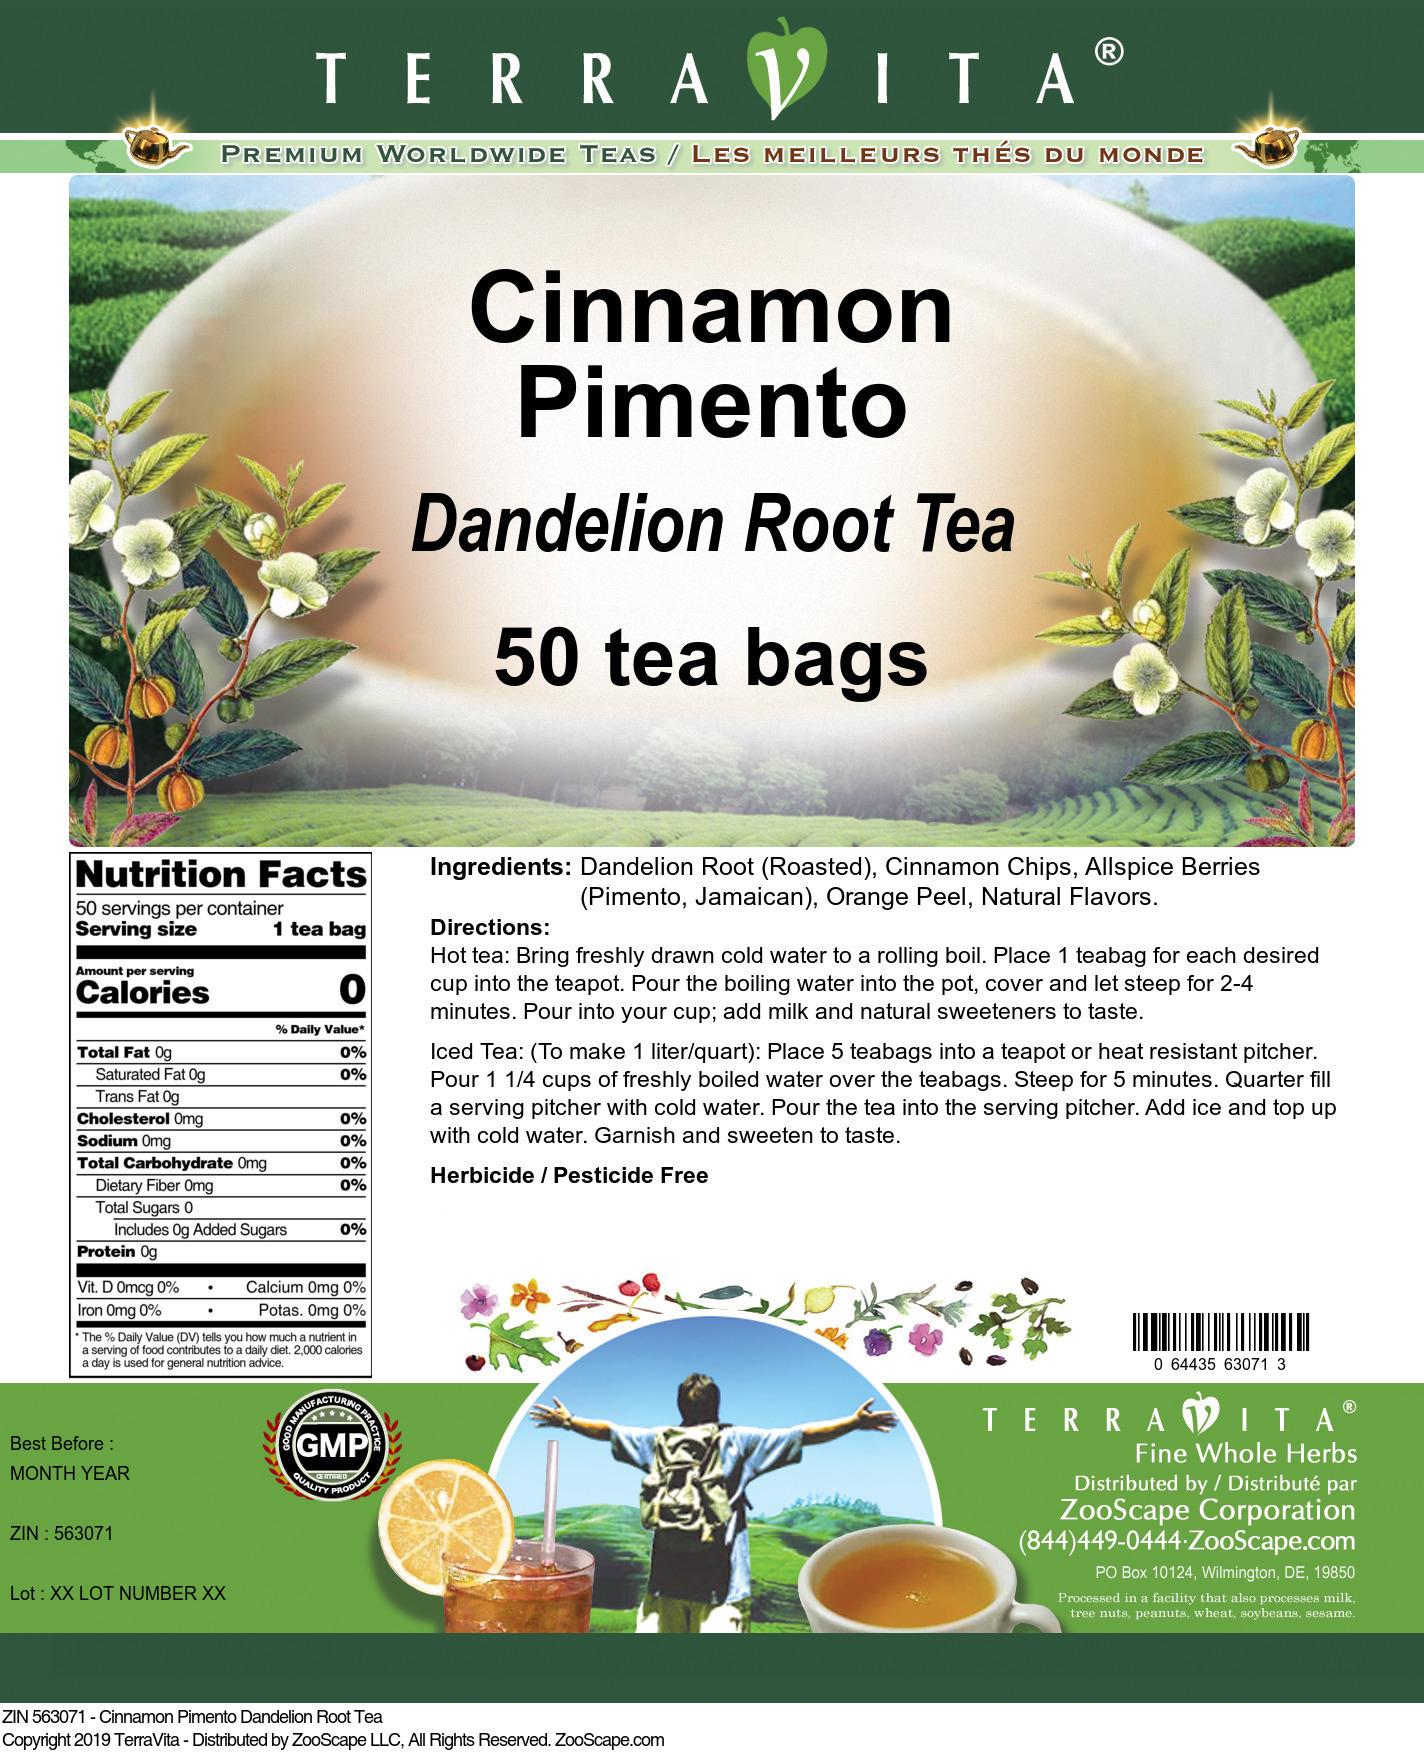 Cinnamon Pimento Dandelion Root